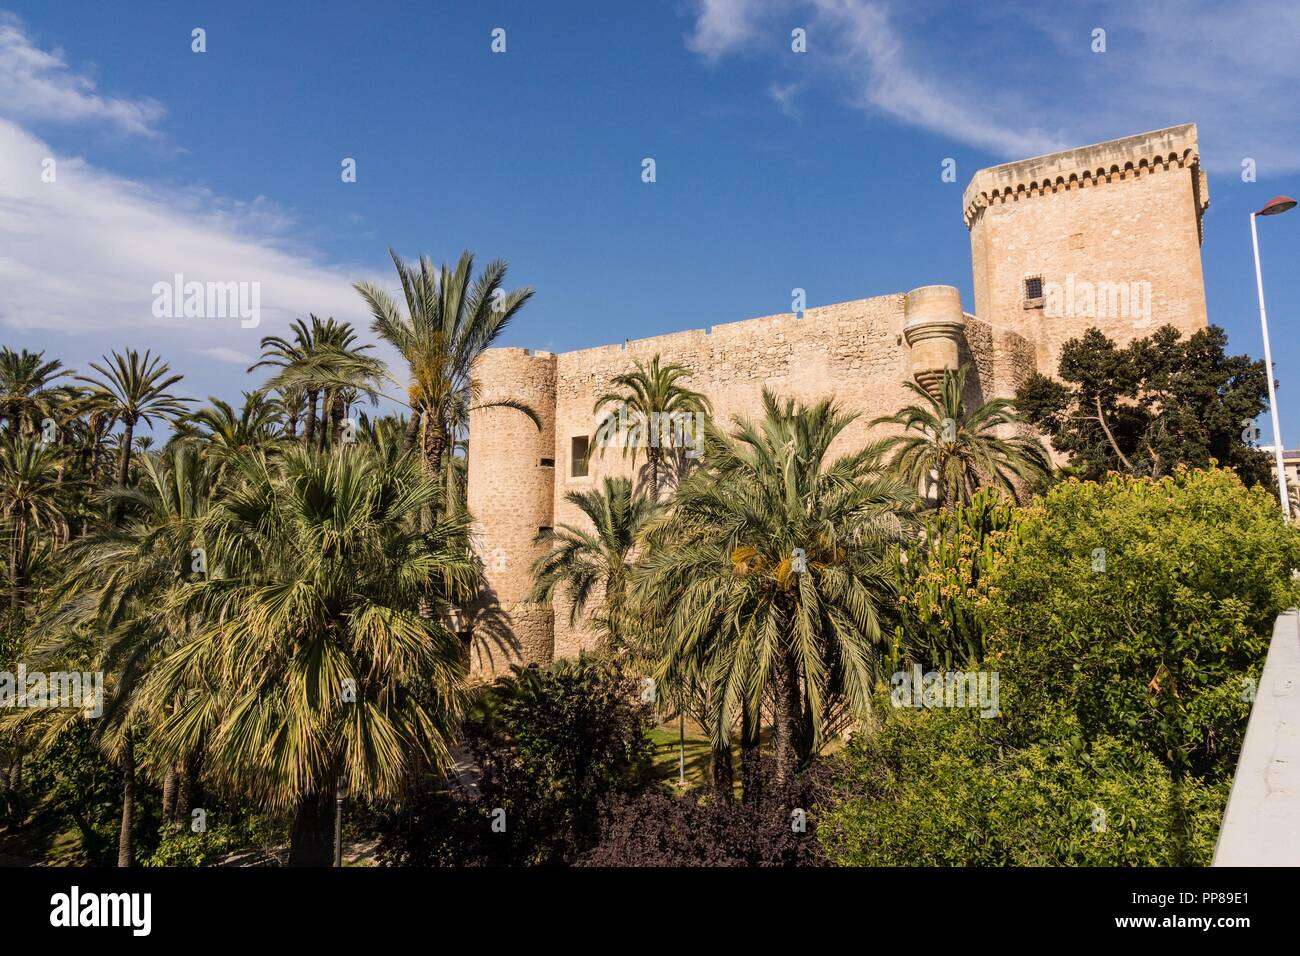 Palacio de Altamira y basílica de Santa Maria,  Palmeral de Elche, Patrimonio de la Humanidad por la Unesco, comunidad Valenciana, Spain. - Stock Image